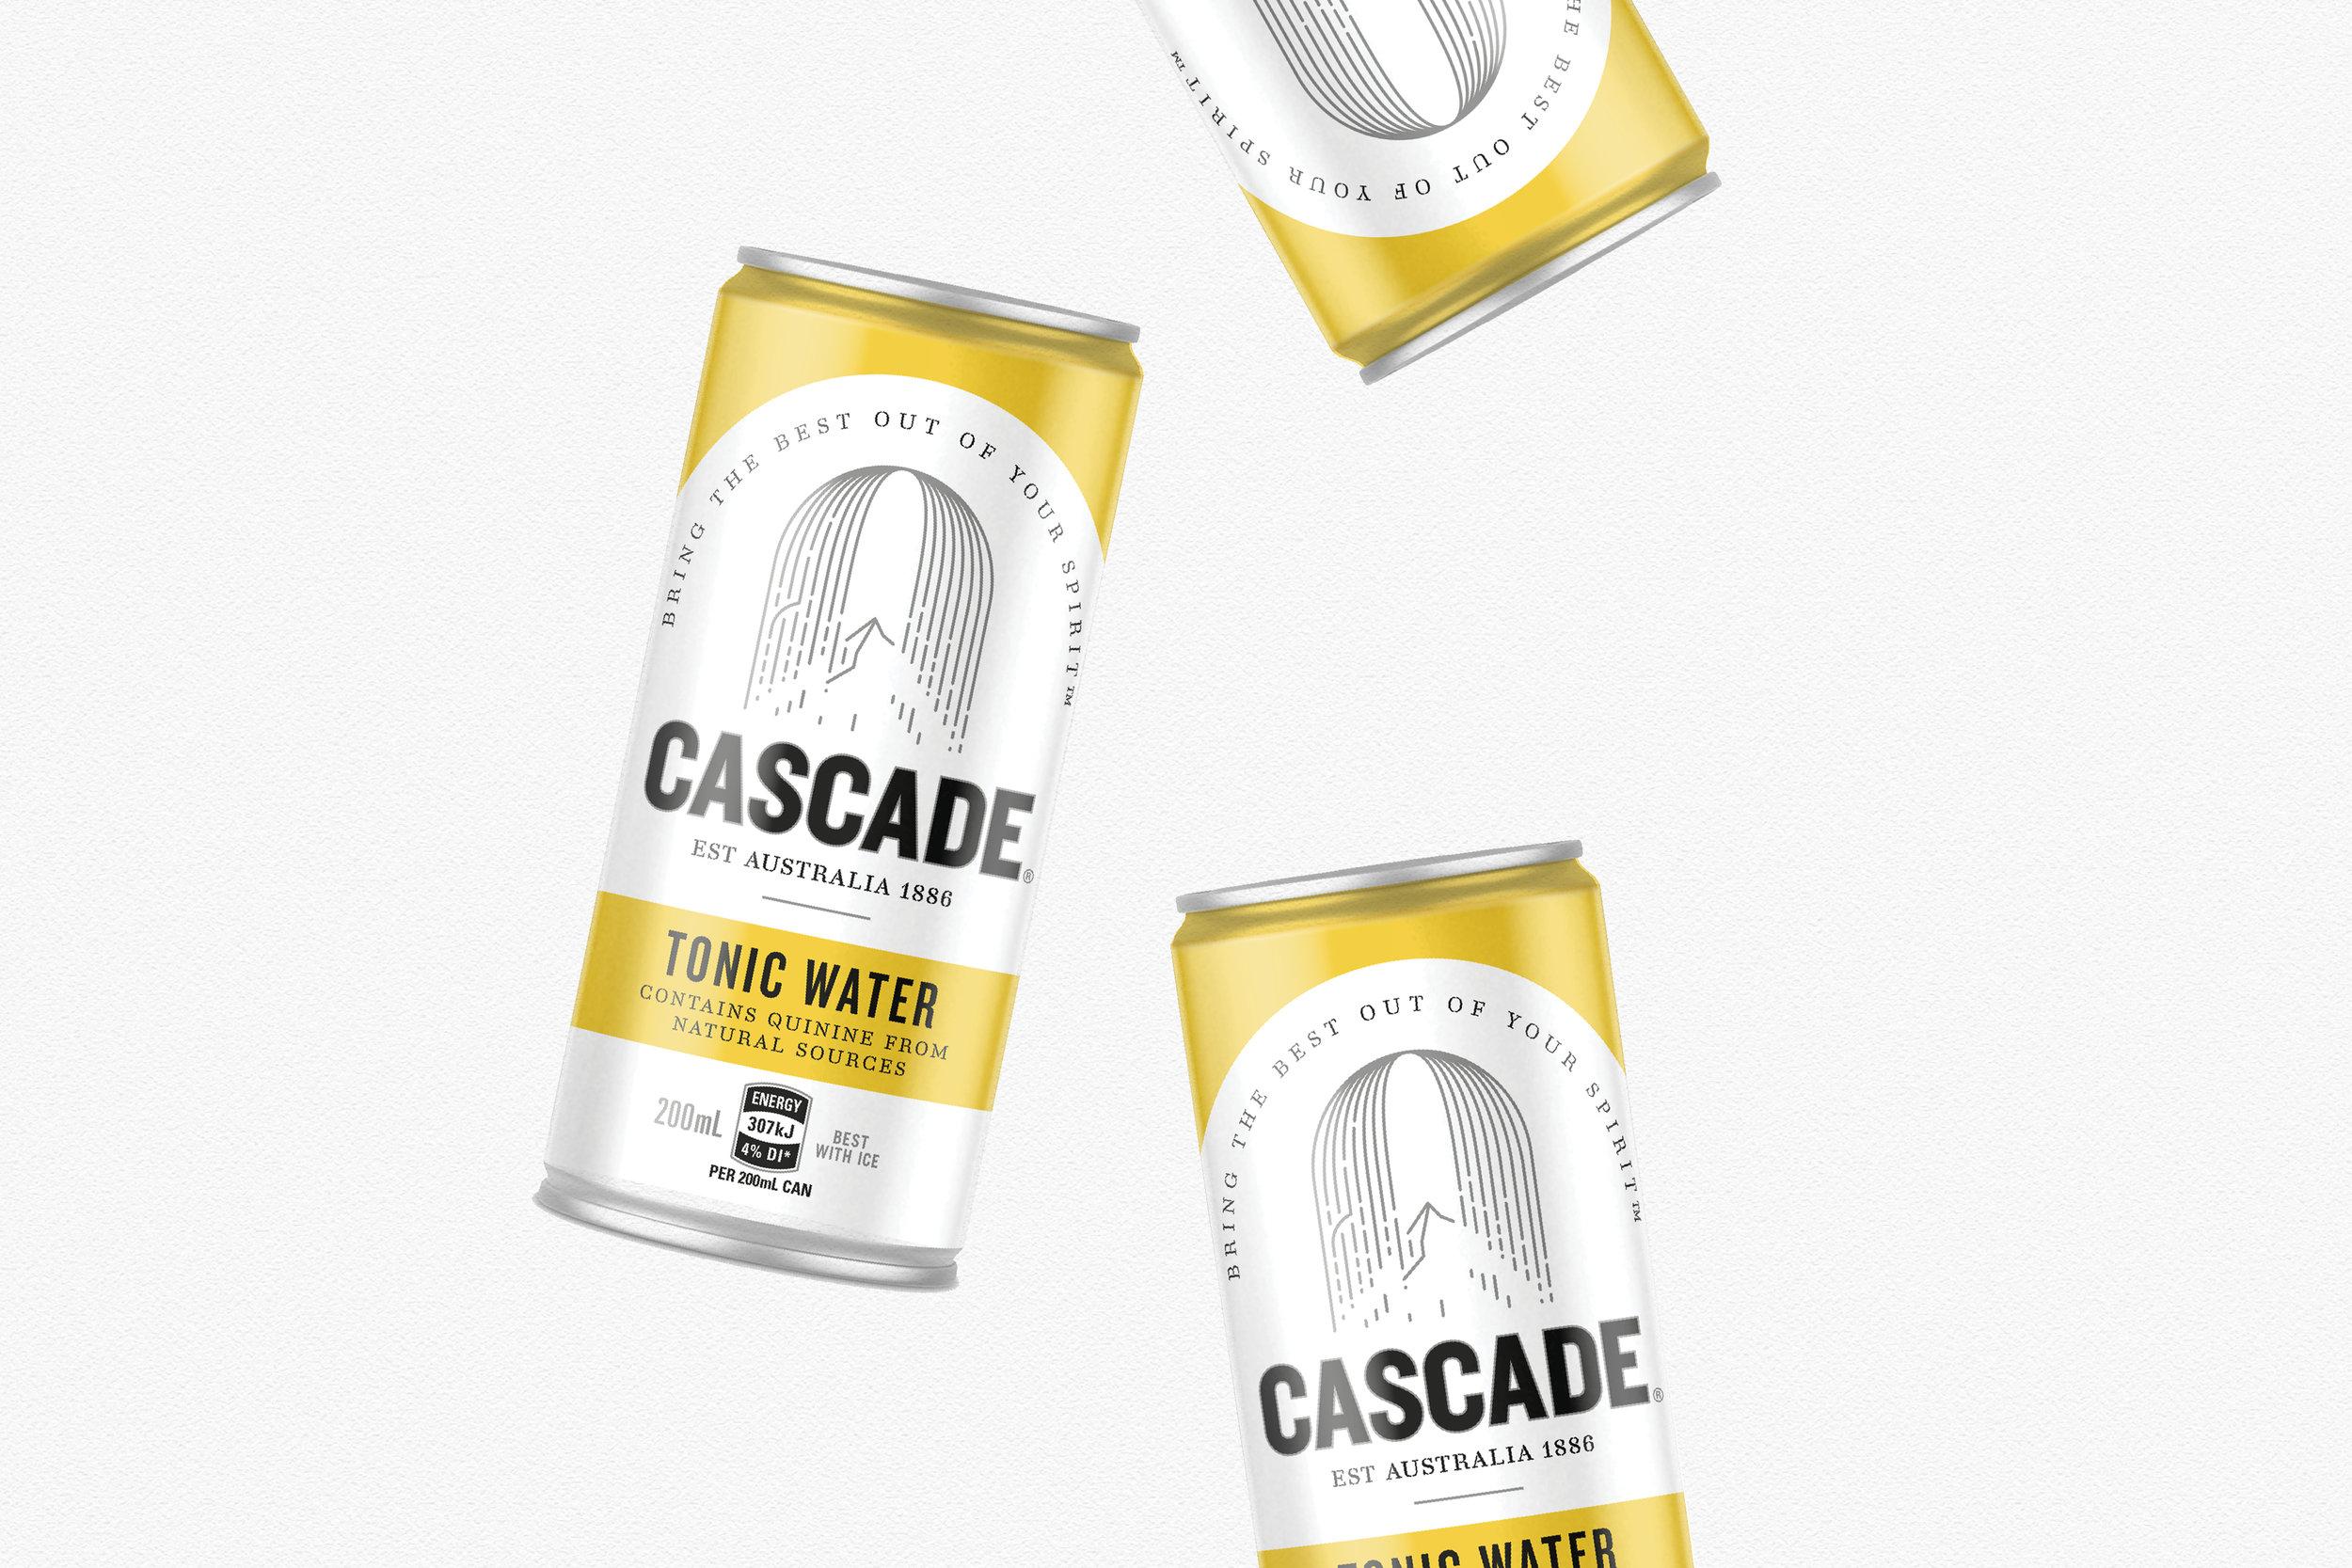 Casacde_Old2.jpg